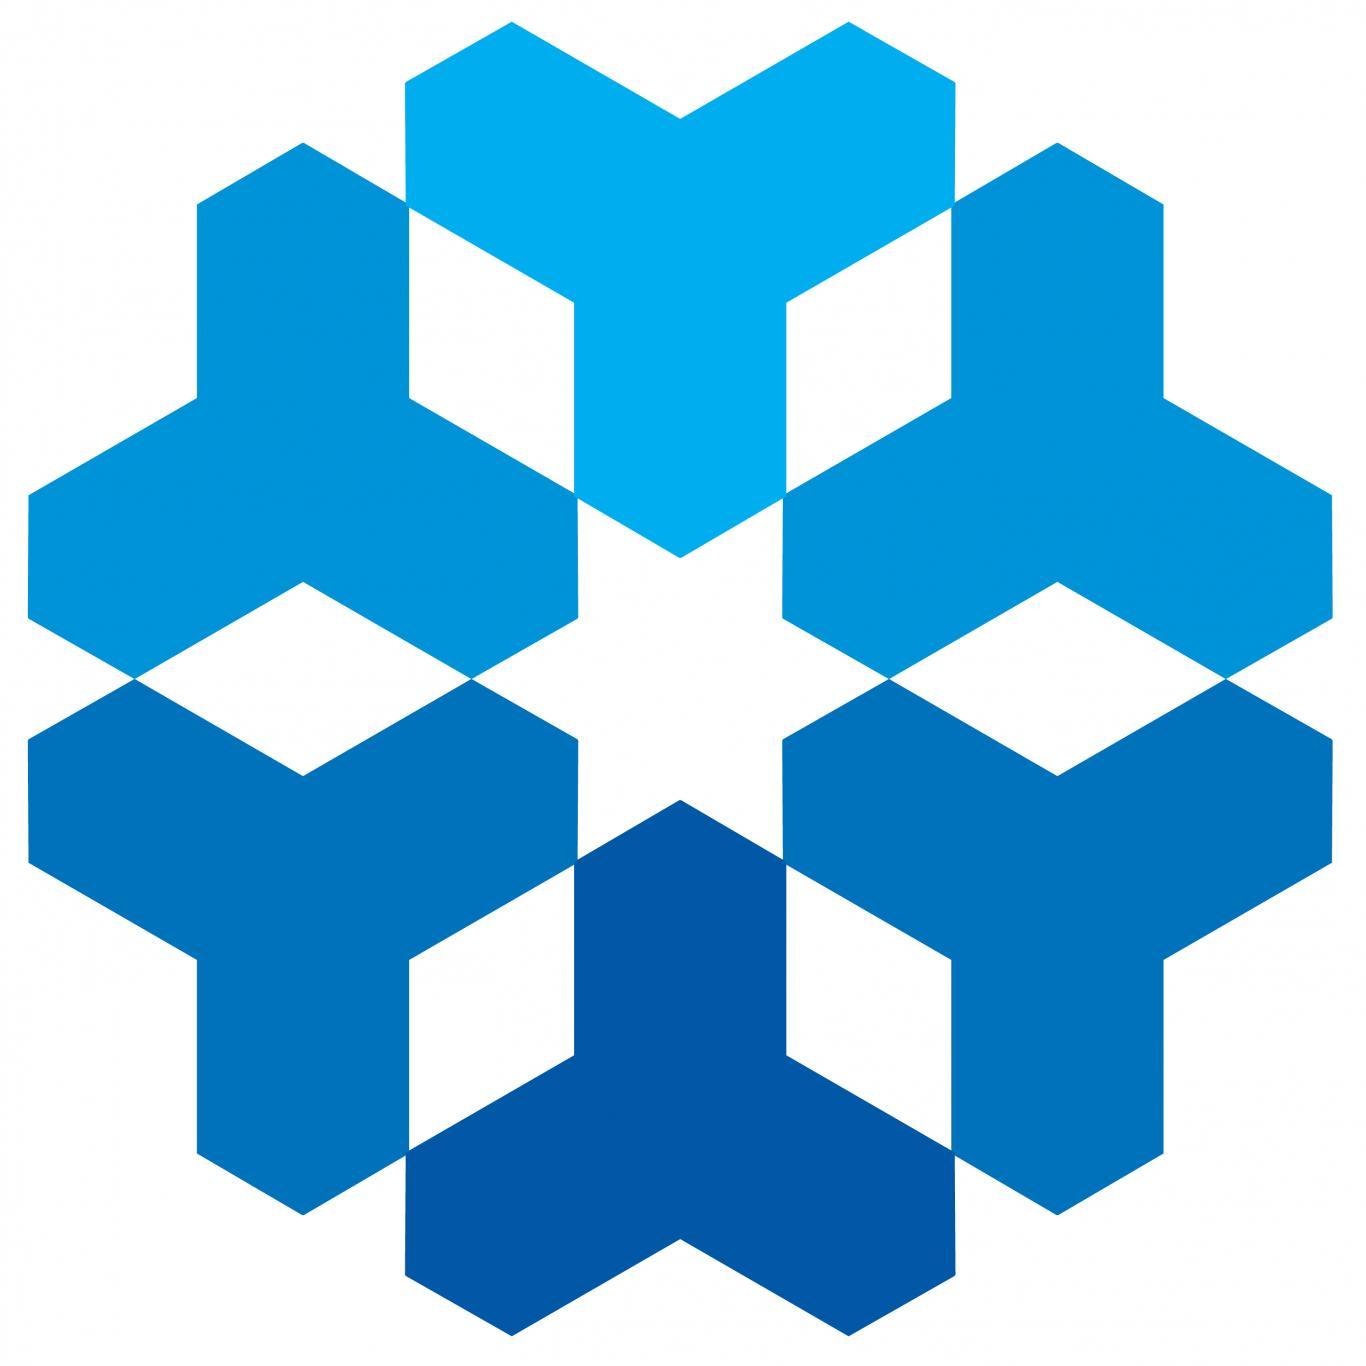 Logo de un copo de nieve en color azul sobre fondo blanco